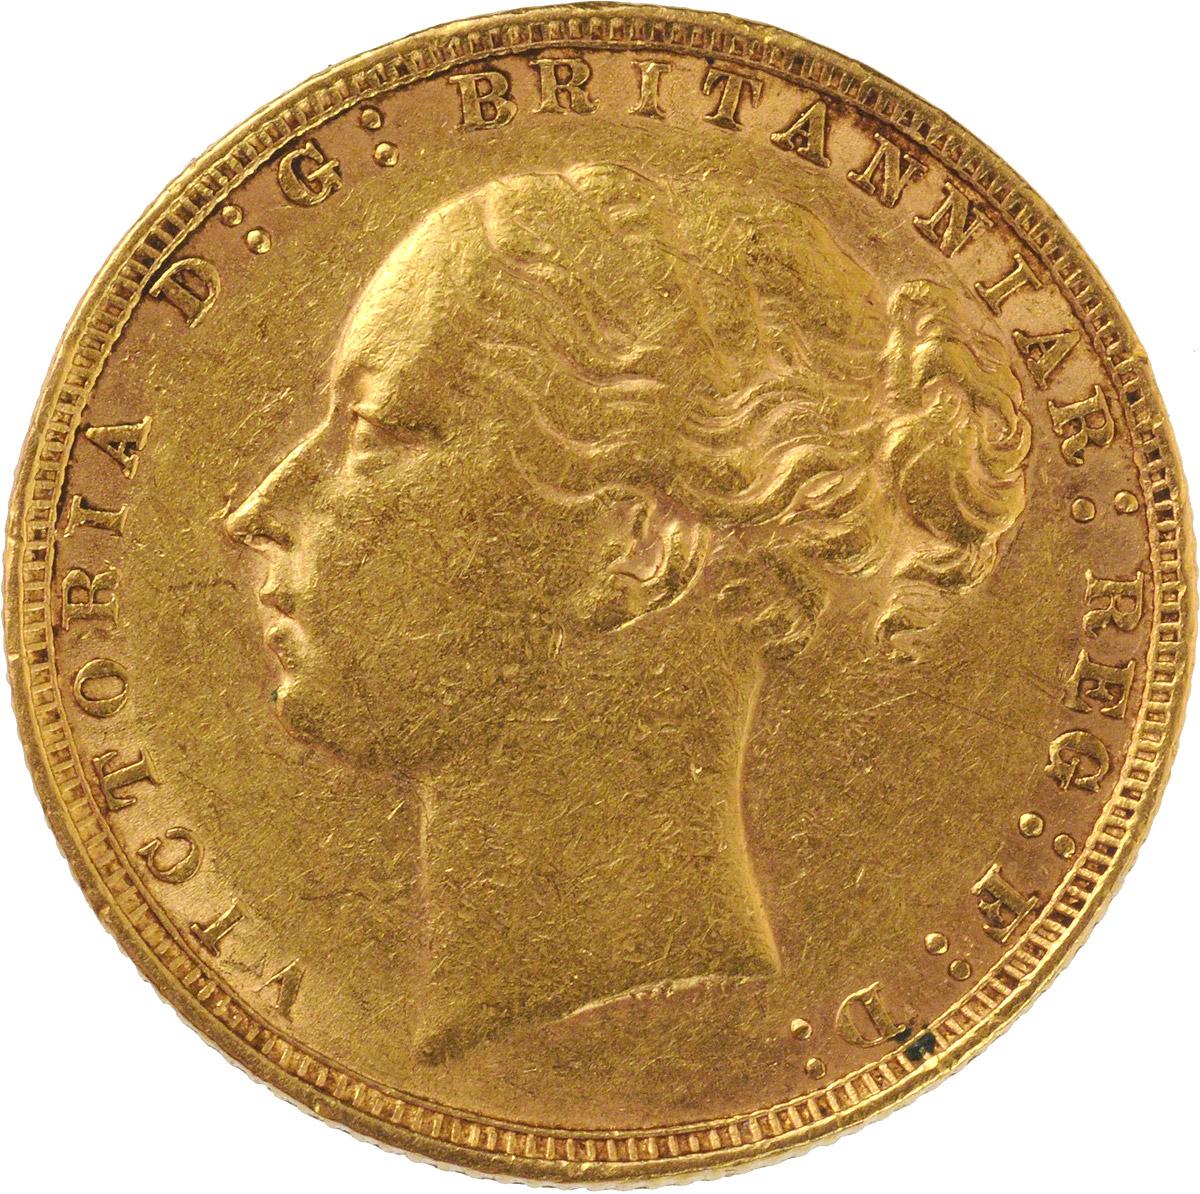 1884 Βικτώρια (Νομισματοκοπείο Λονδίνου)